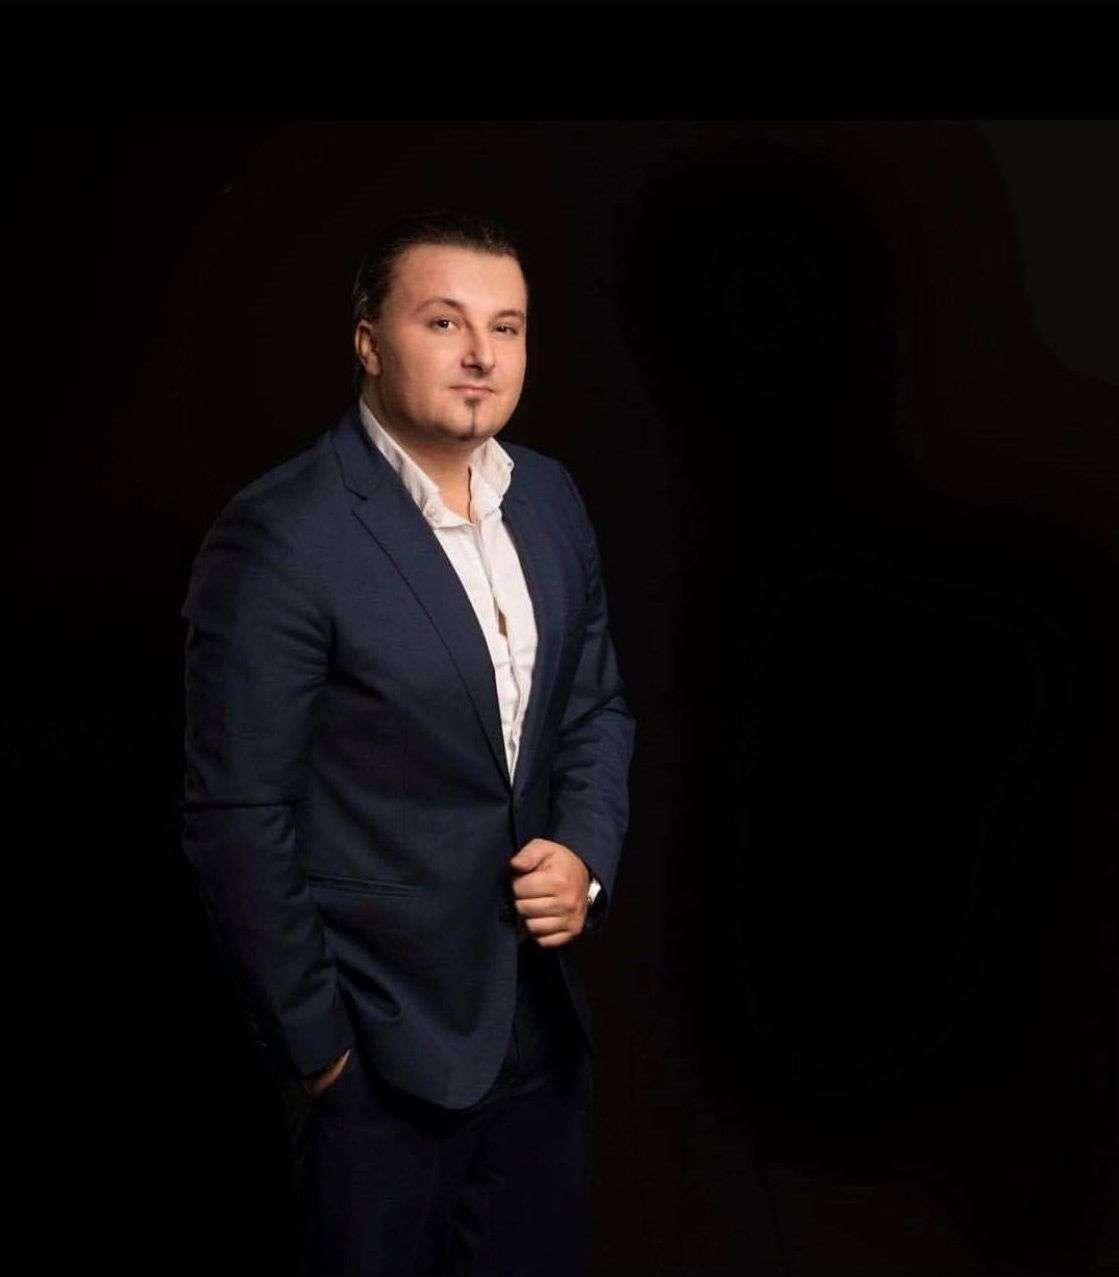 """kralj balada i fenomenalni pjevač: armin bijedić pjesmom """"samo rane"""" oduševio kolege i fanove"""